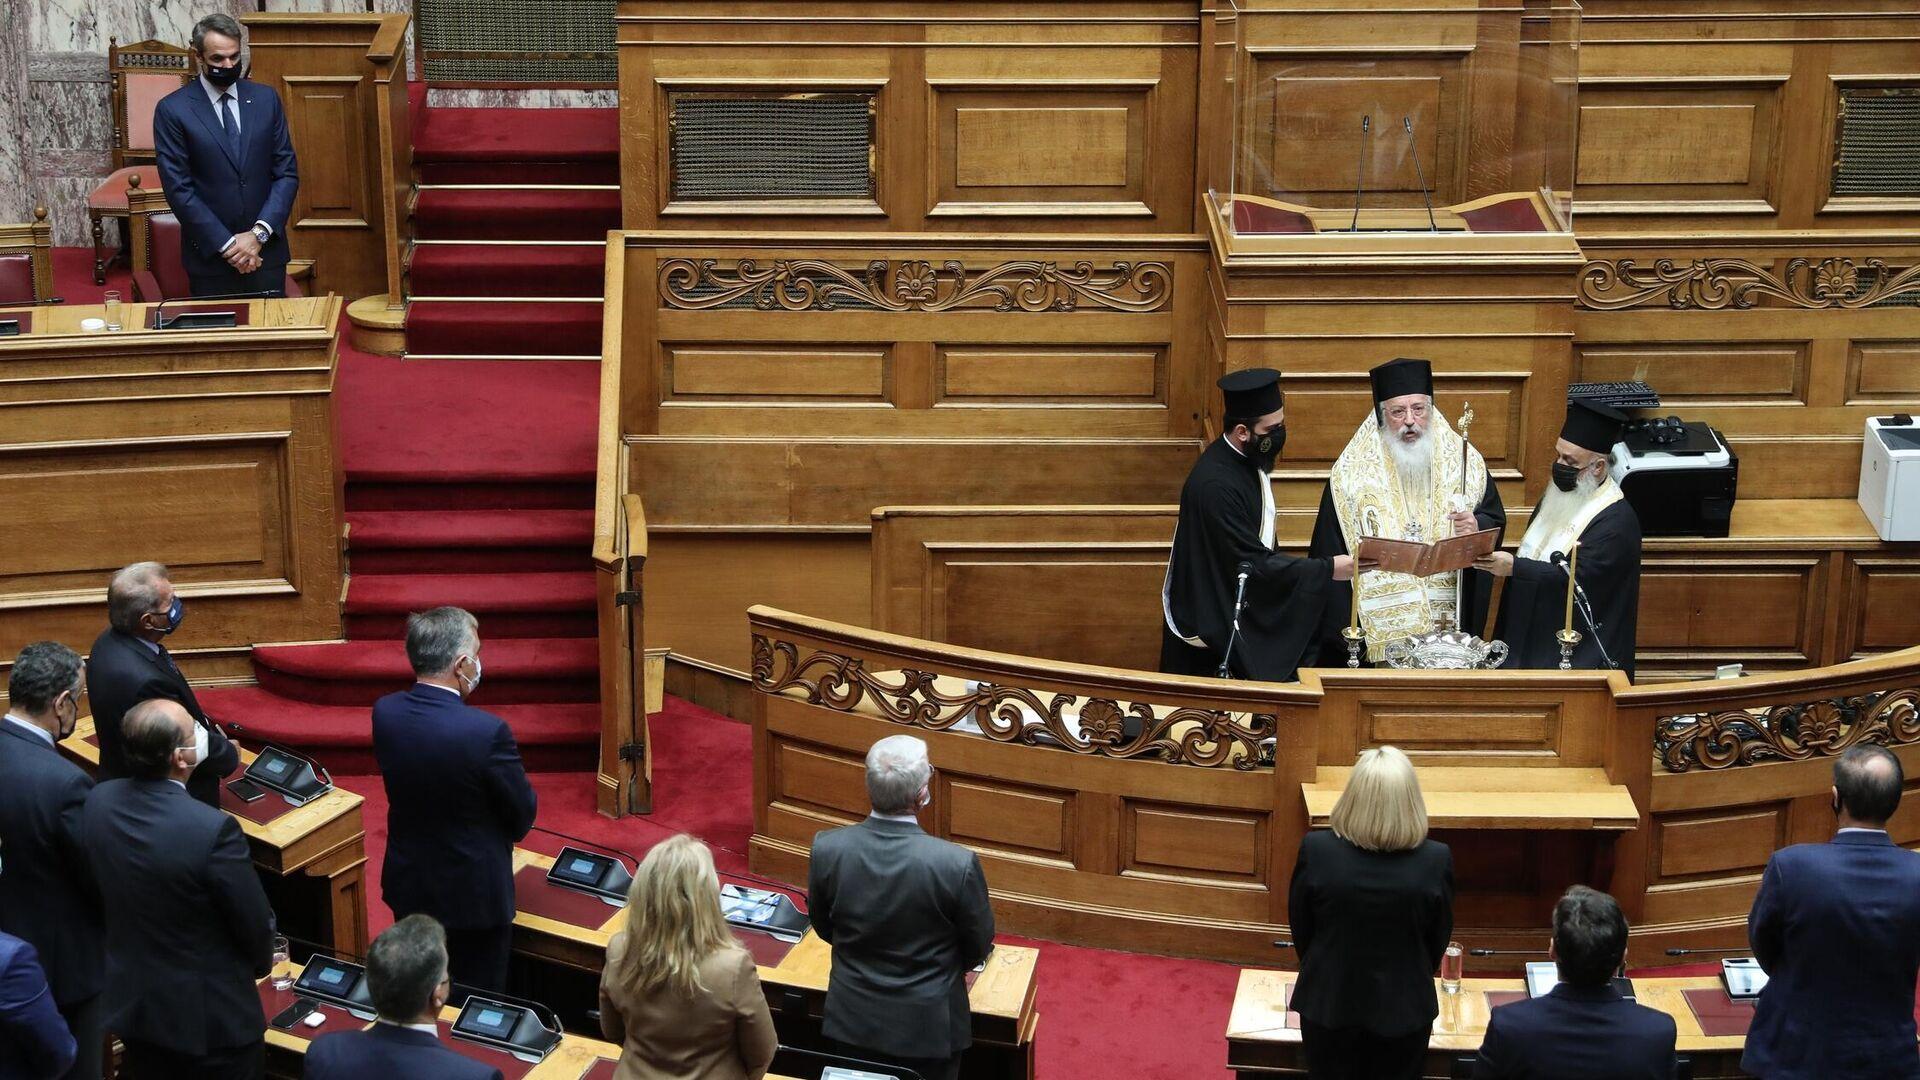 Άρχισαν οι εργασίες της Γ' Συνόδου της ΙΗ' Βουλευτικής Περιόδου - Sputnik Ελλάδα, 1920, 04.10.2021